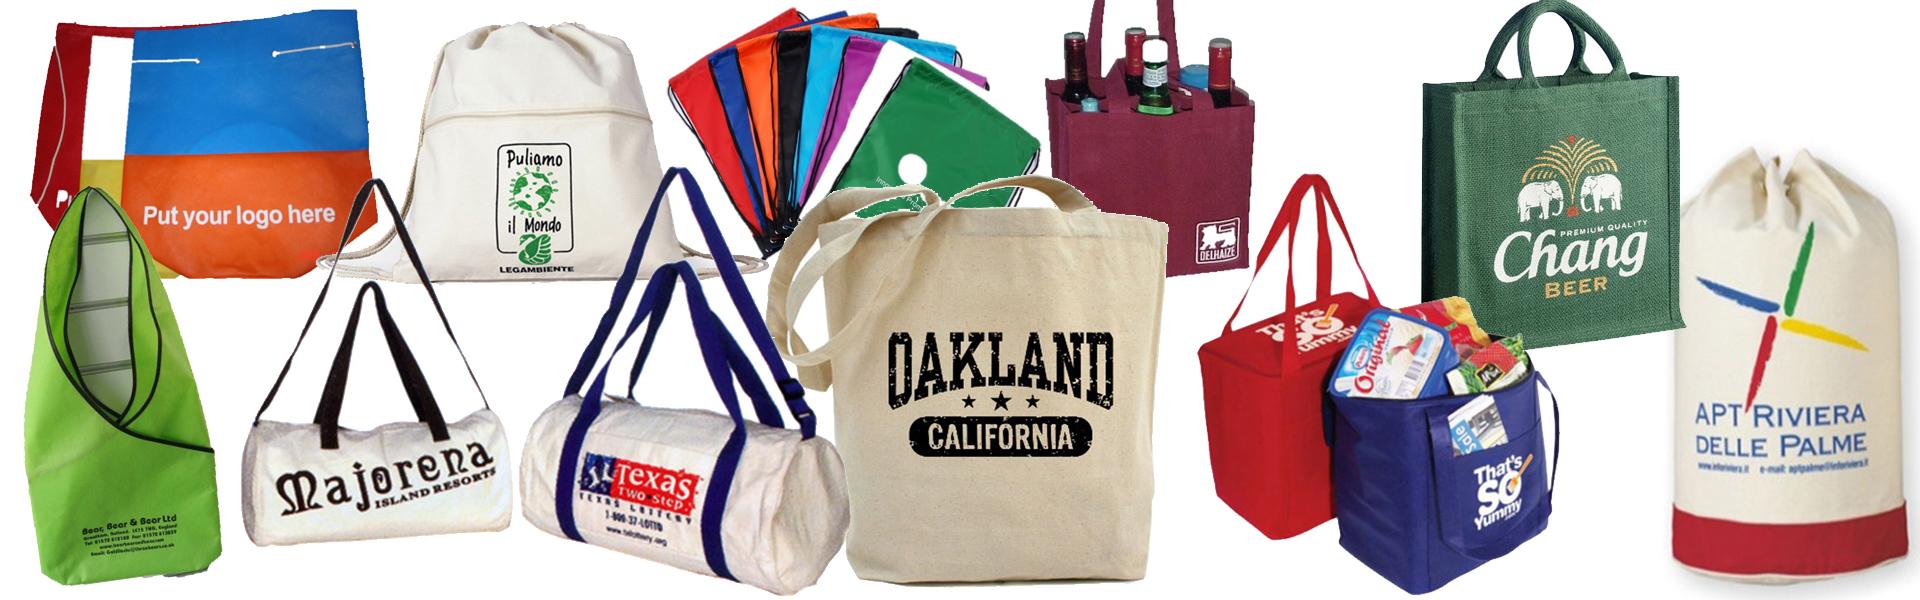 Bags custom printing and design